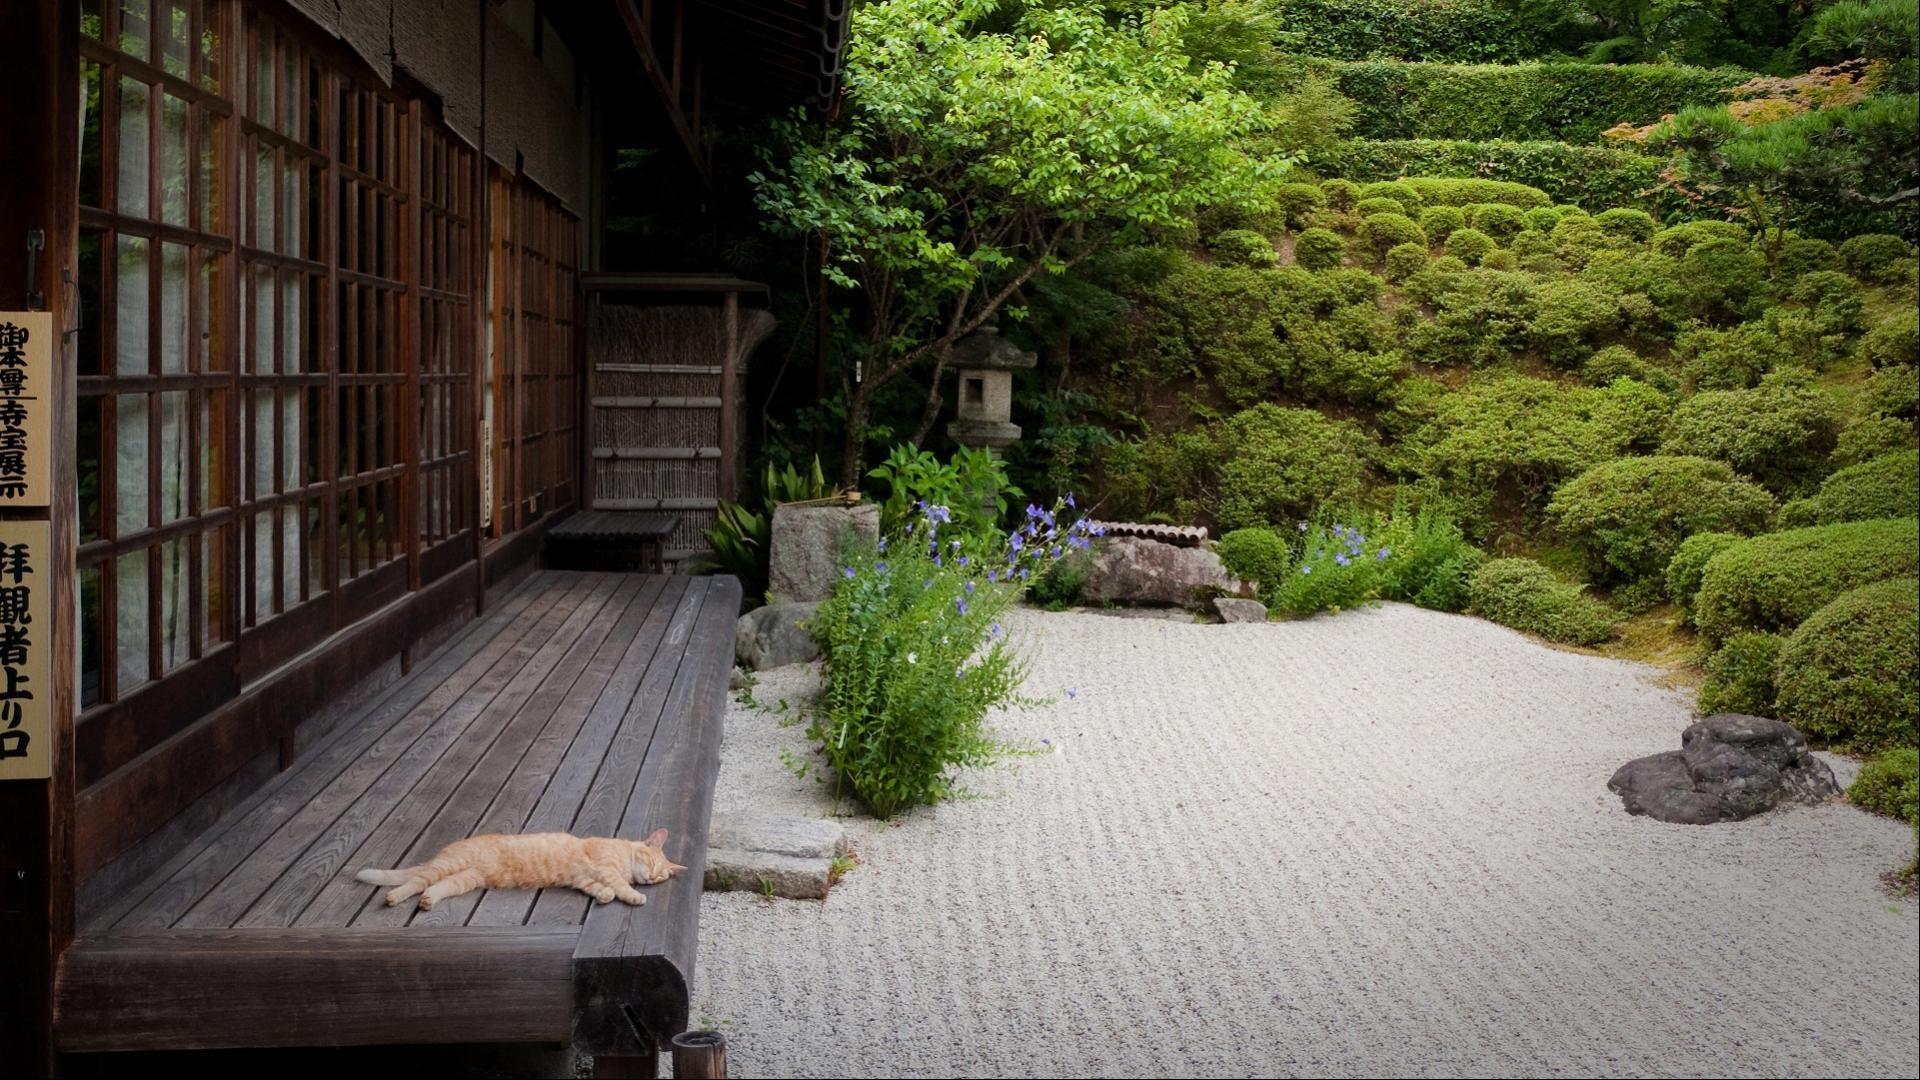 Res: 1920x1080, Japanese Garden